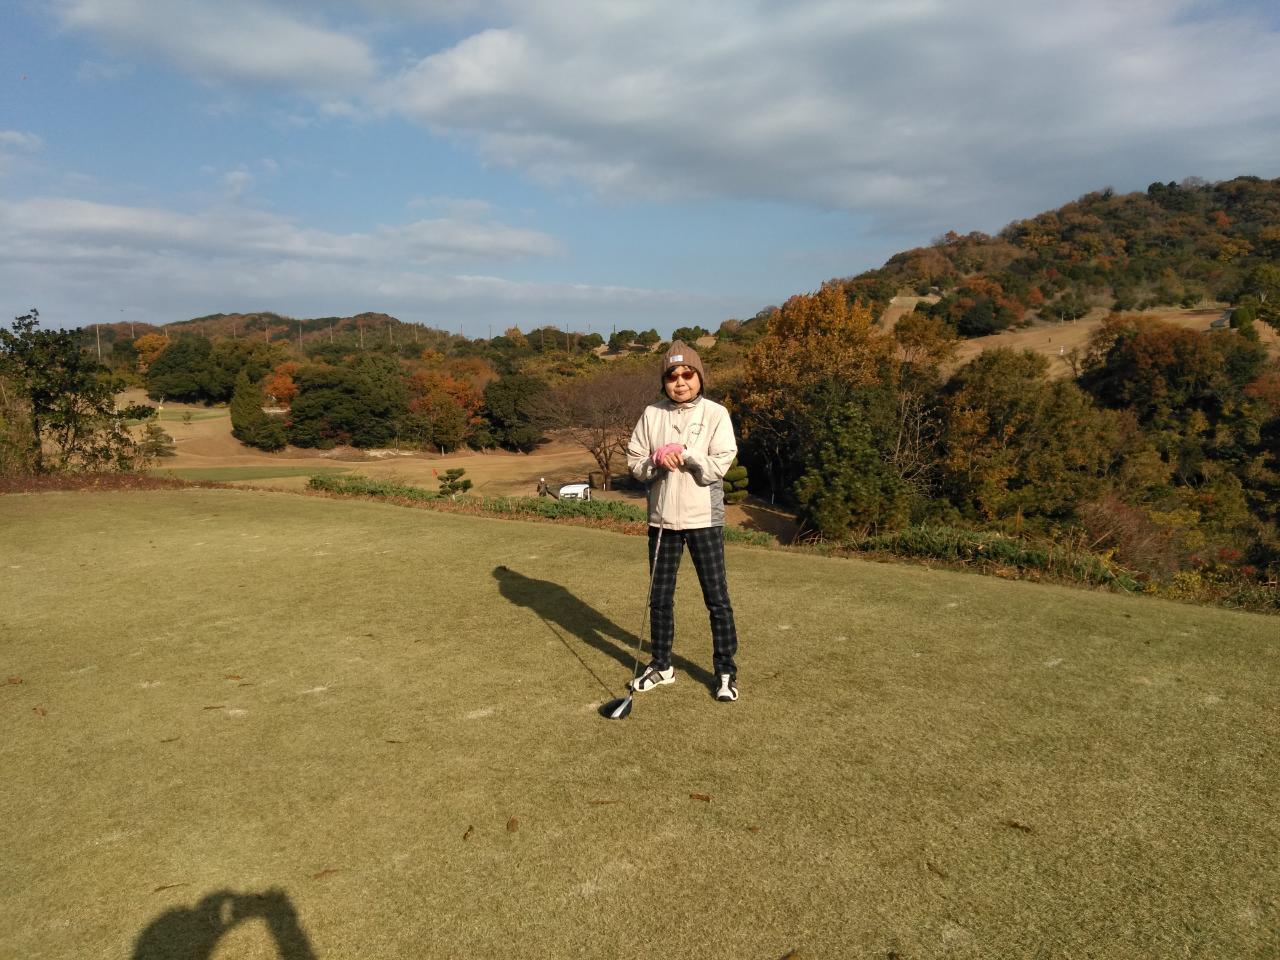 キャンピングカー旅 淡路島でゴルフ その2_d0228130_15450363.jpg